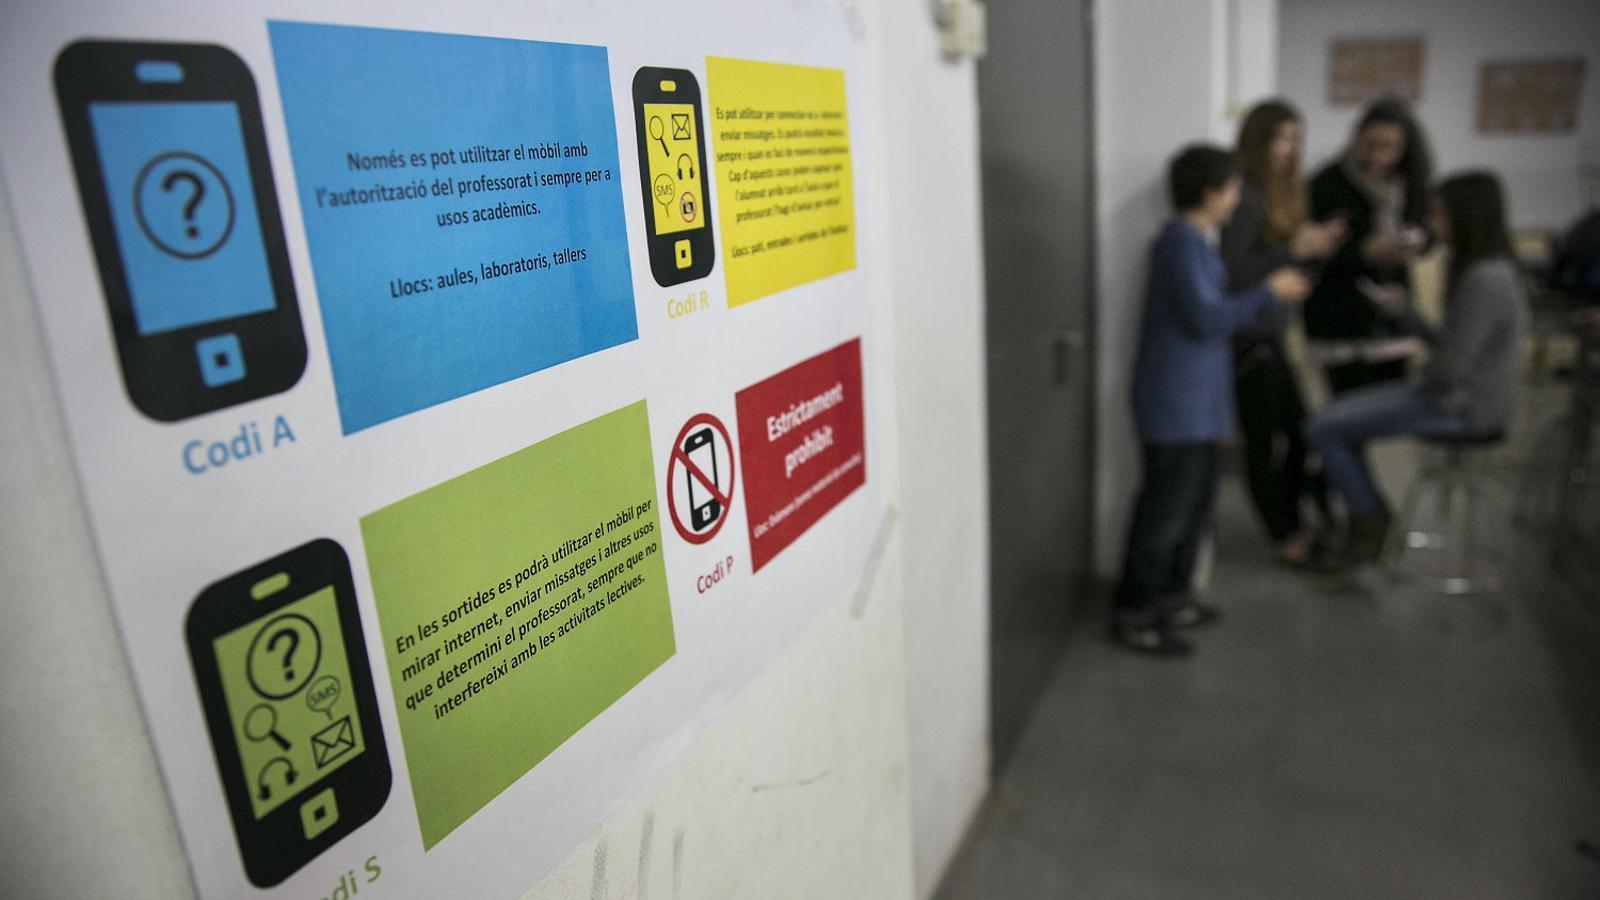 Alguns instituts, com el Pla Farreras de Sant Cugat, tenen un semàfor per indicar on i com es pot fer servir el mòbil o les tauletes a l'aula.